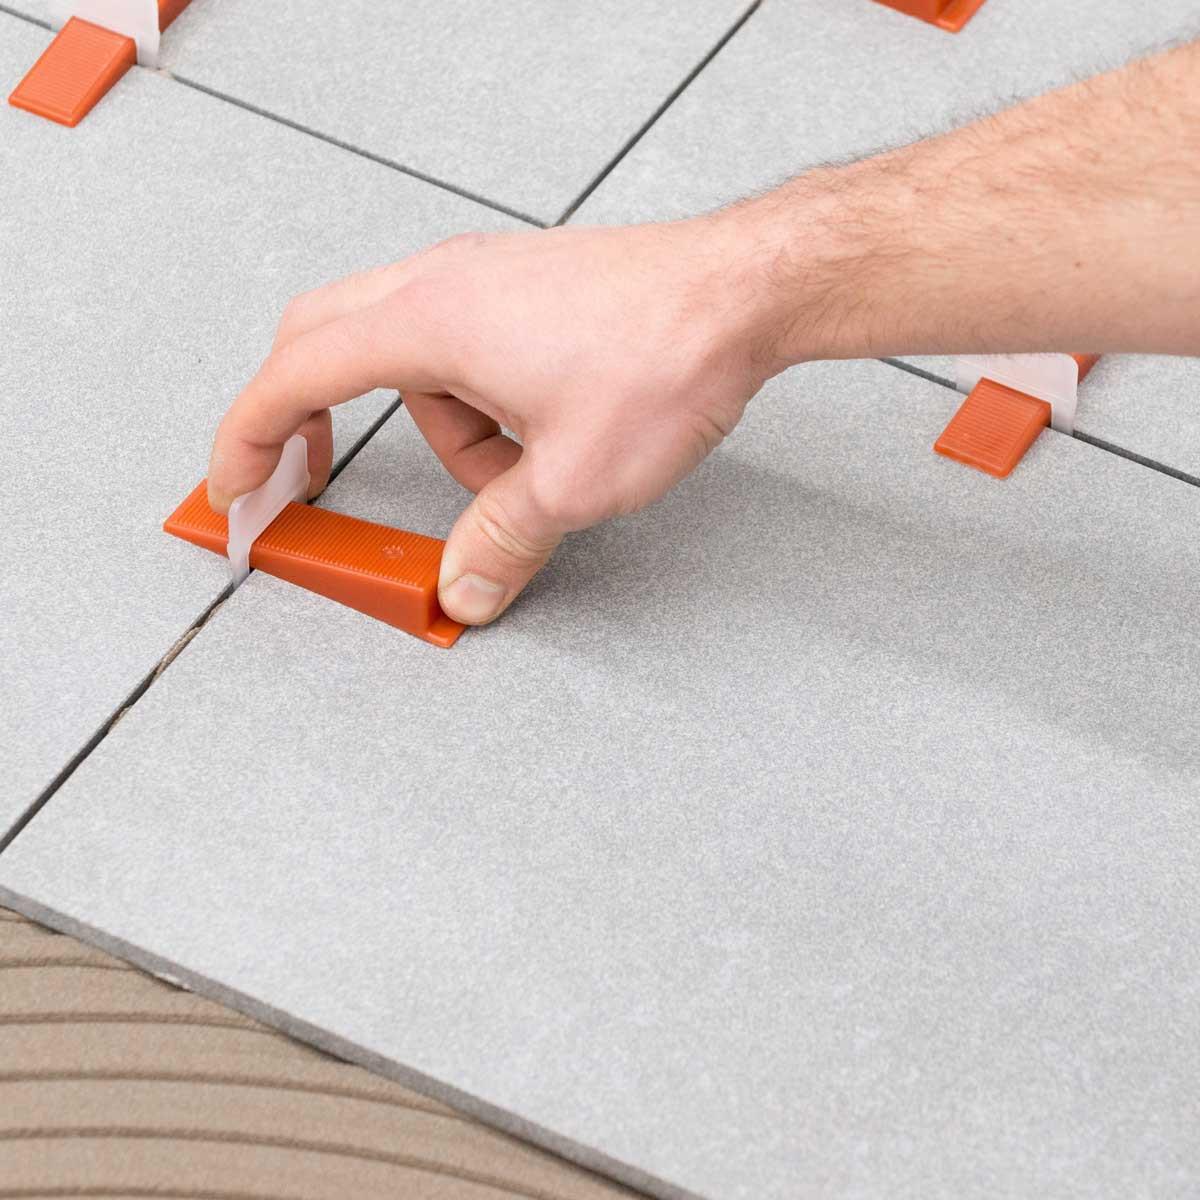 raimondi 5/32nd tile leveling system installing with wedge